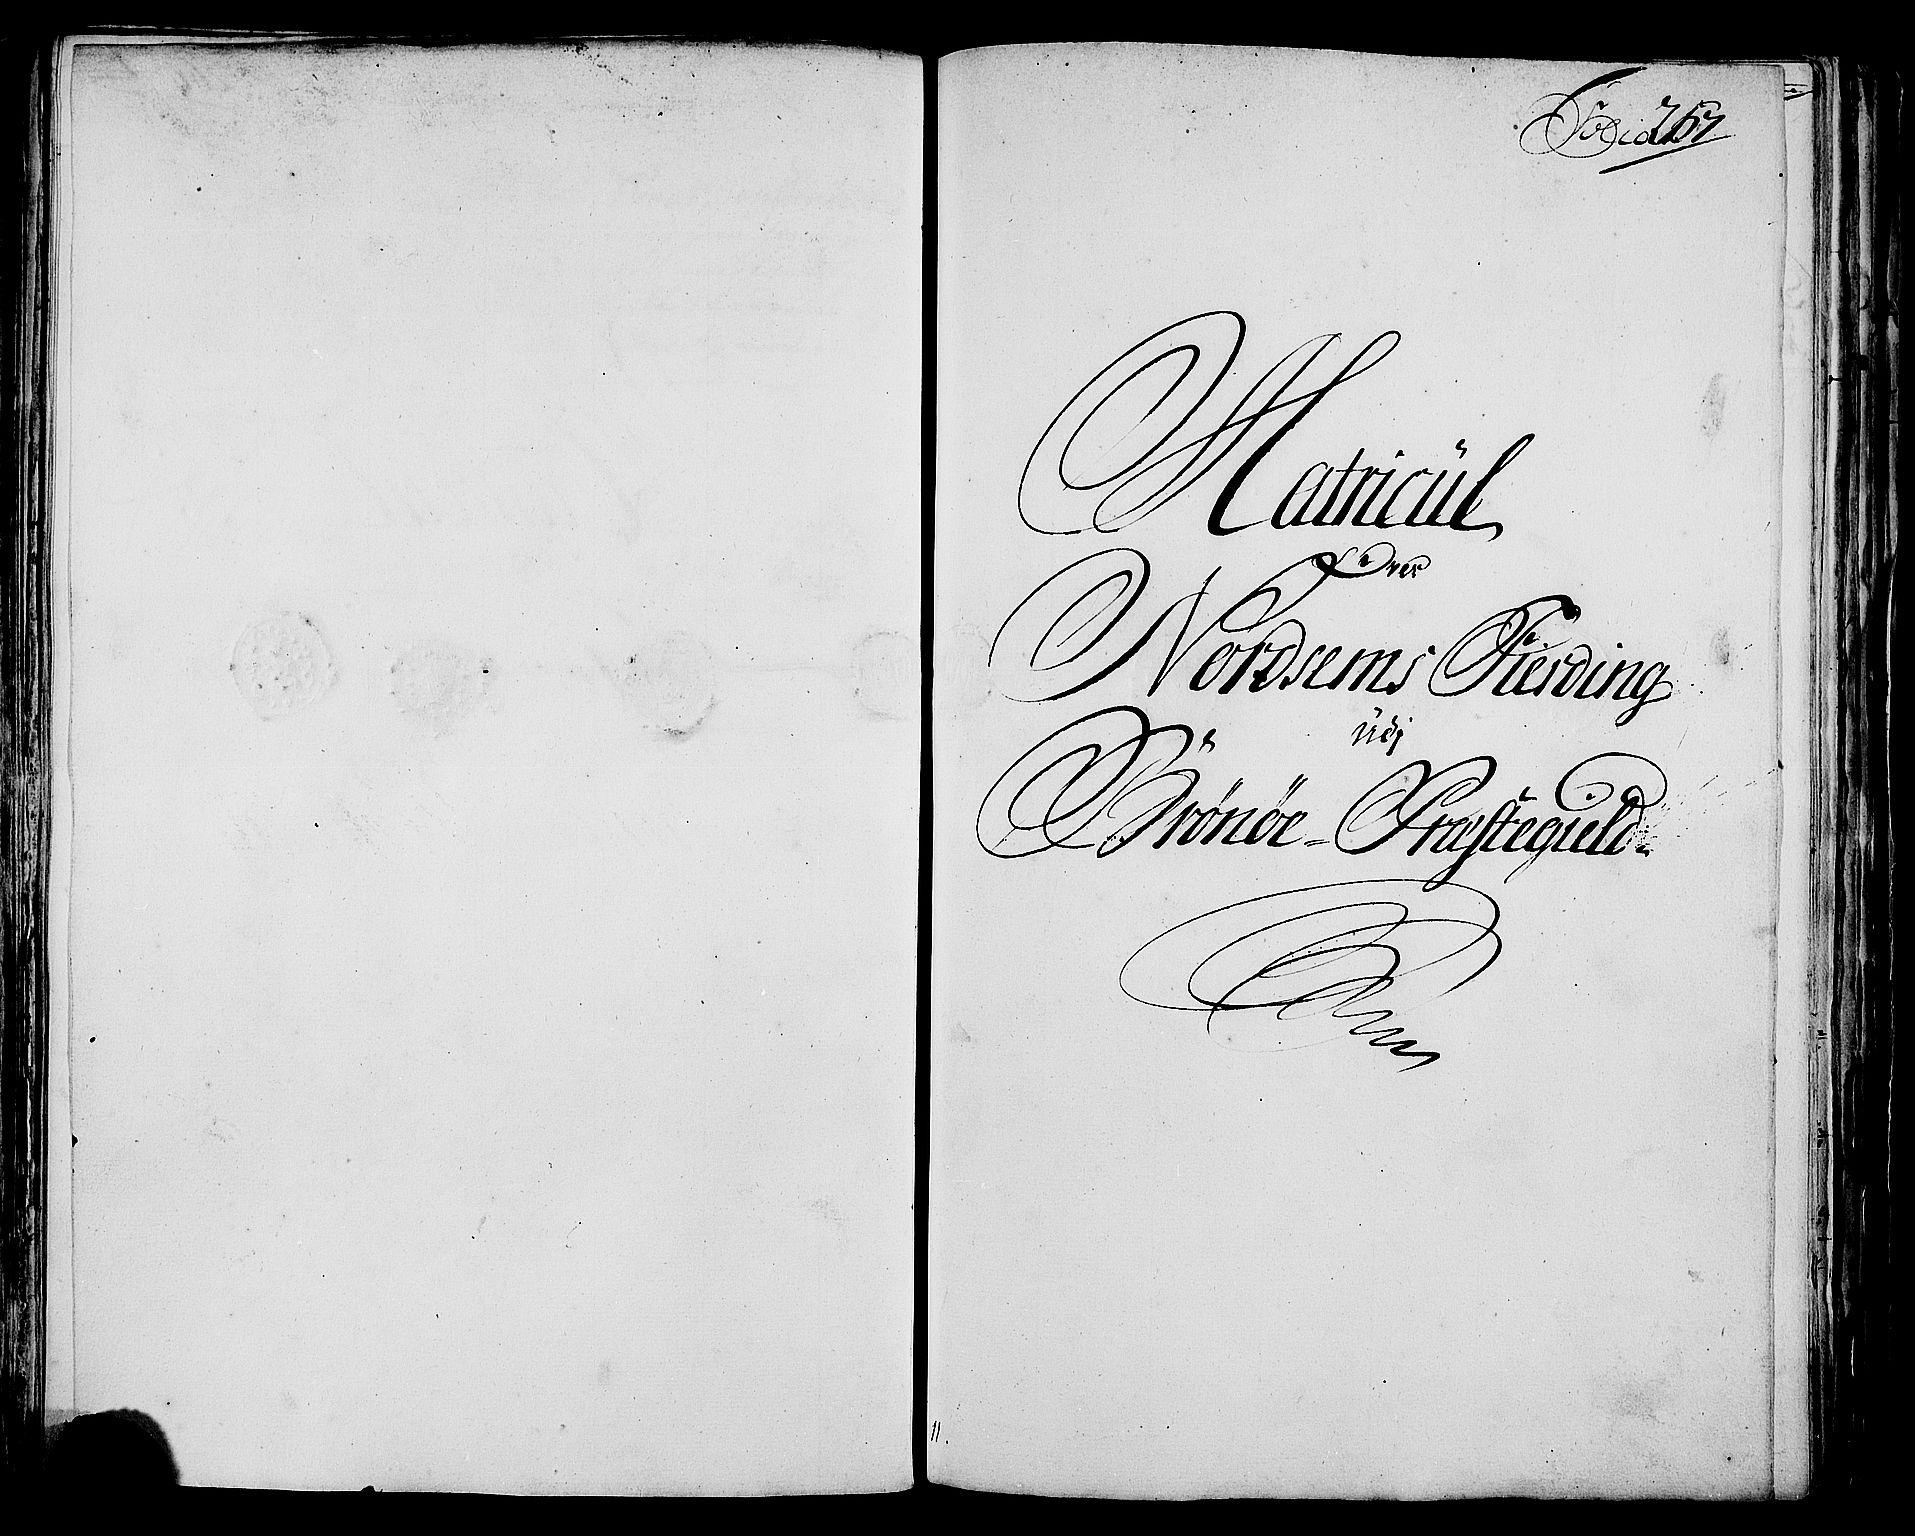 RA, Rentekammeret inntil 1814, Realistisk ordnet avdeling, N/Nb/Nbf/L0171: Helgeland matrikkelprotokoll, 1723, s. 266b-267a